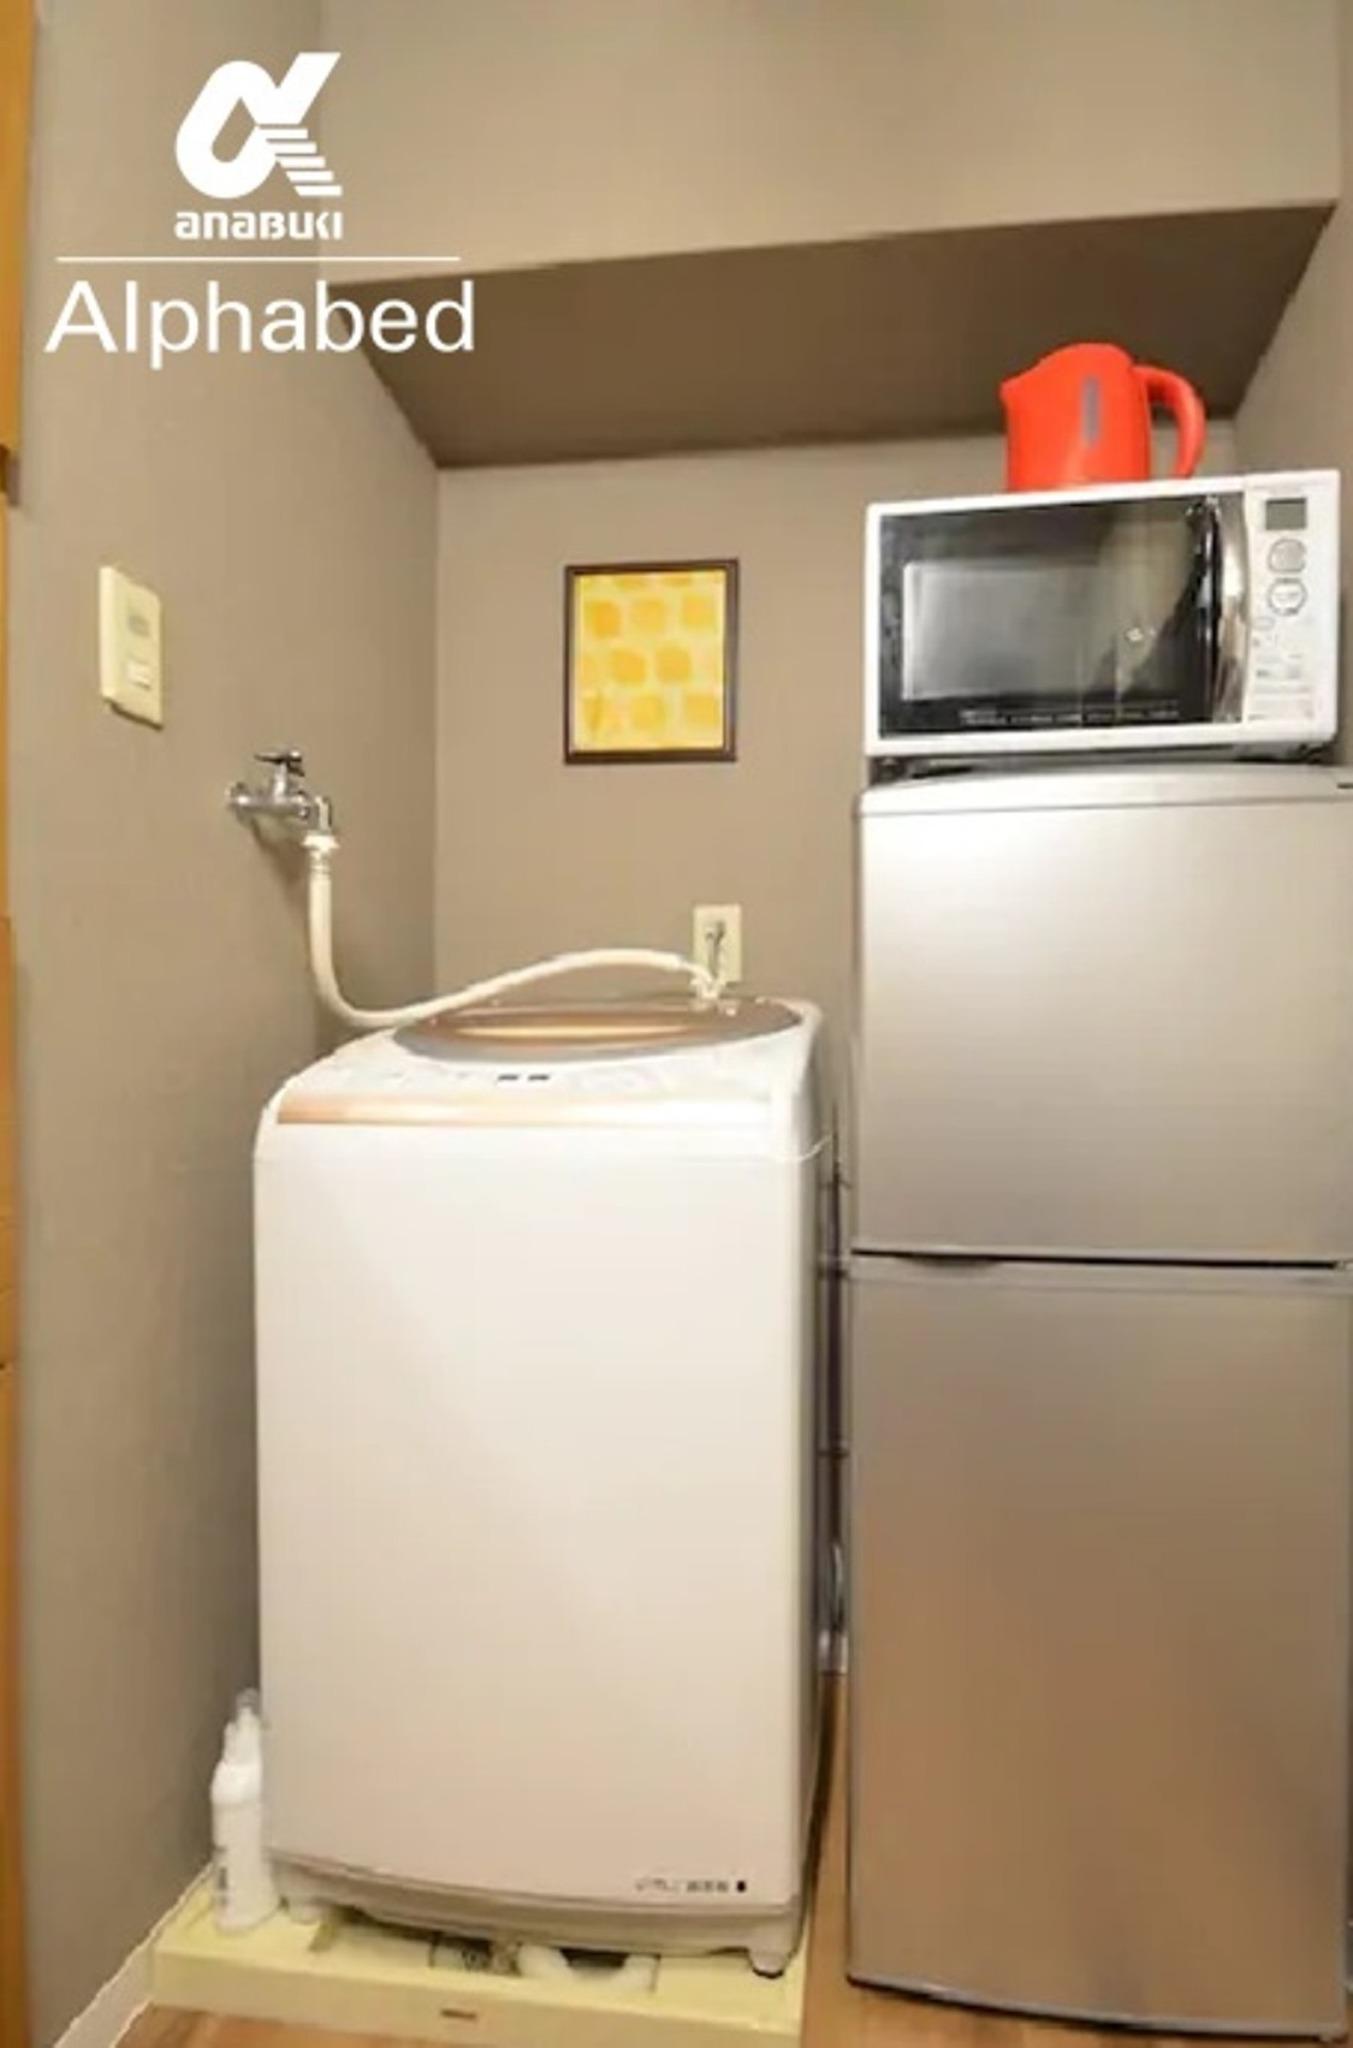 洗濯機・冷蔵庫・電子レンジも完備しています